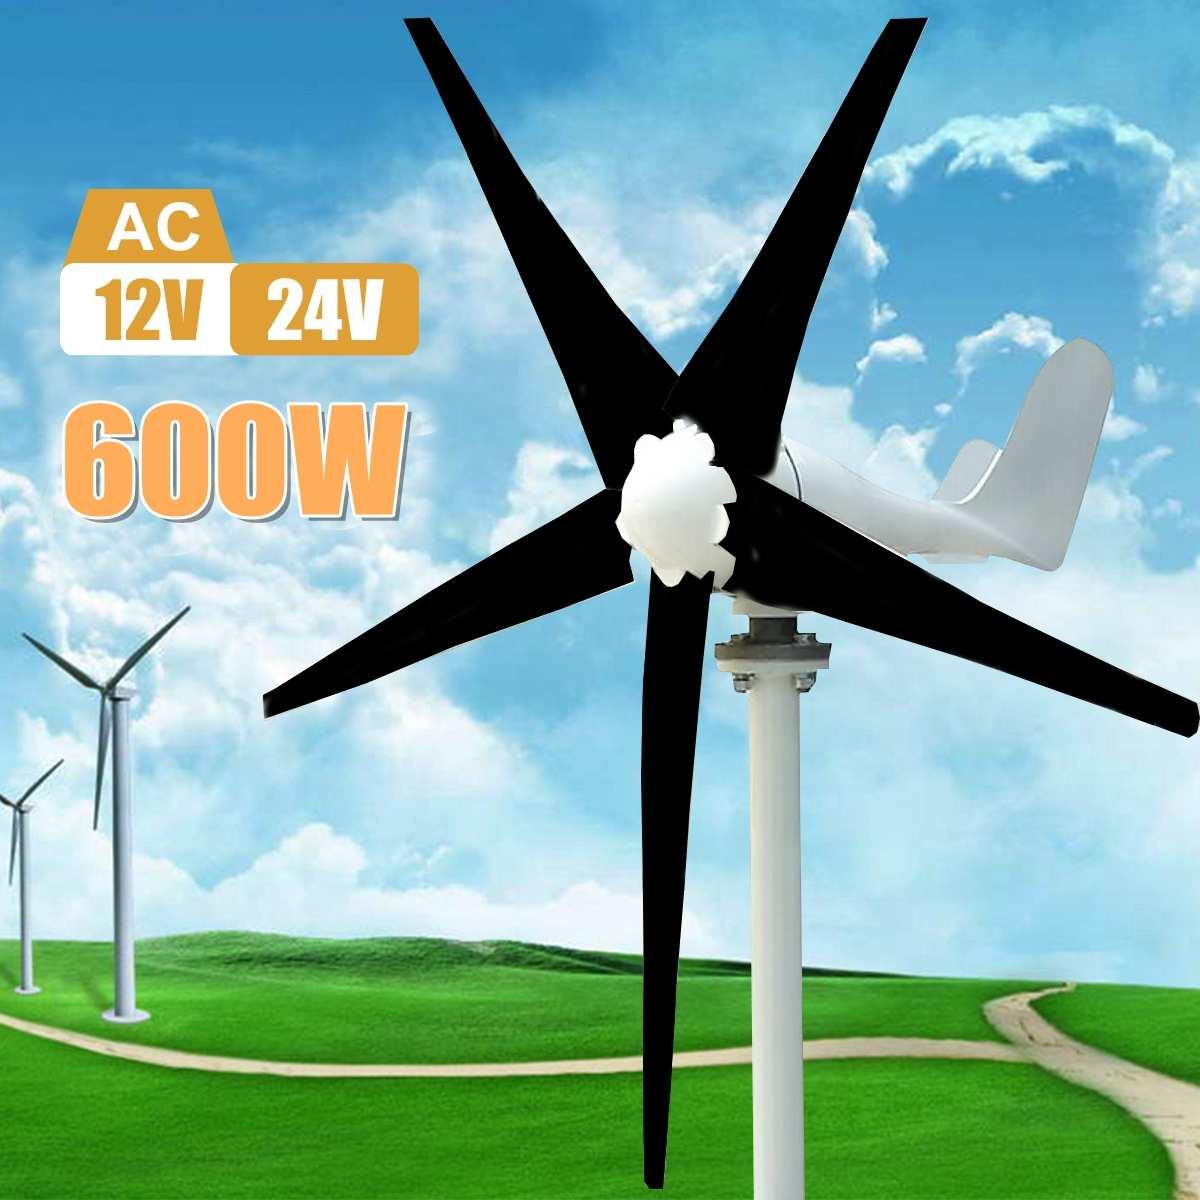 Max 600 Вт ветряной генератор переменного тока В 12 В/24 В в 5 лезвие питание наборы для дома Гибридный уличные применение